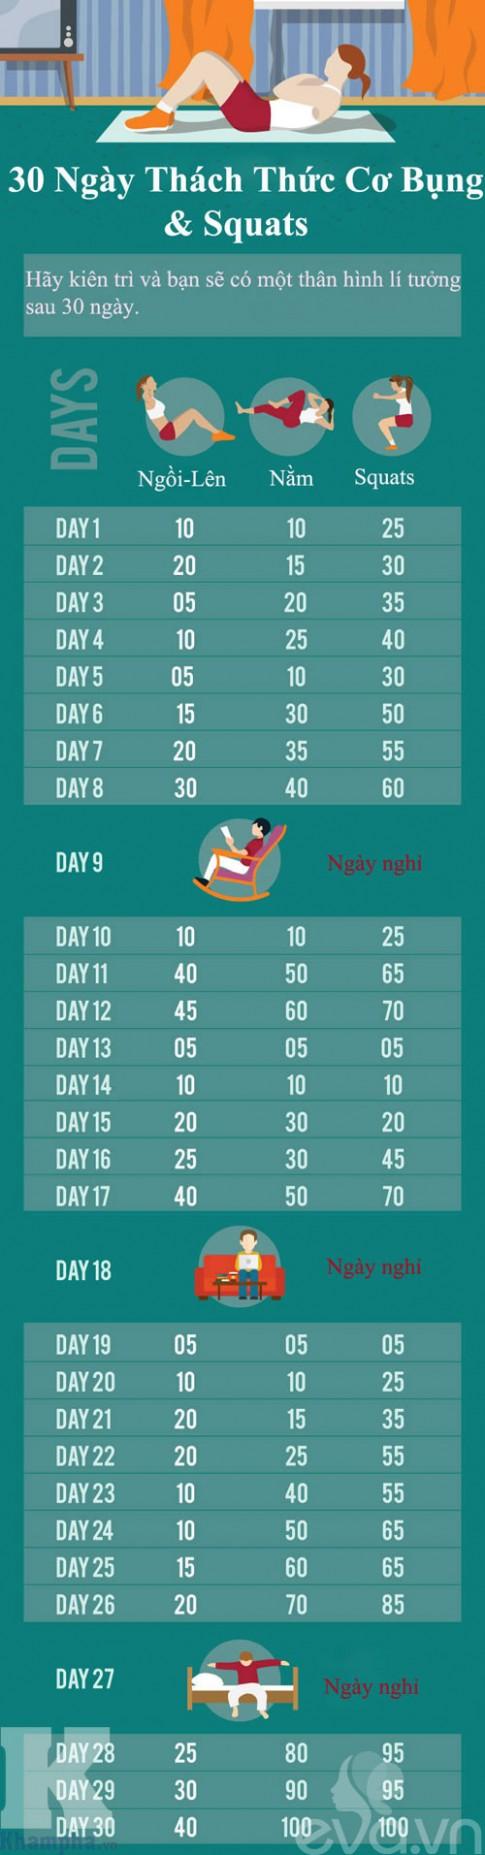 30 ngày thách thức để có một vóc dáng chuẩn